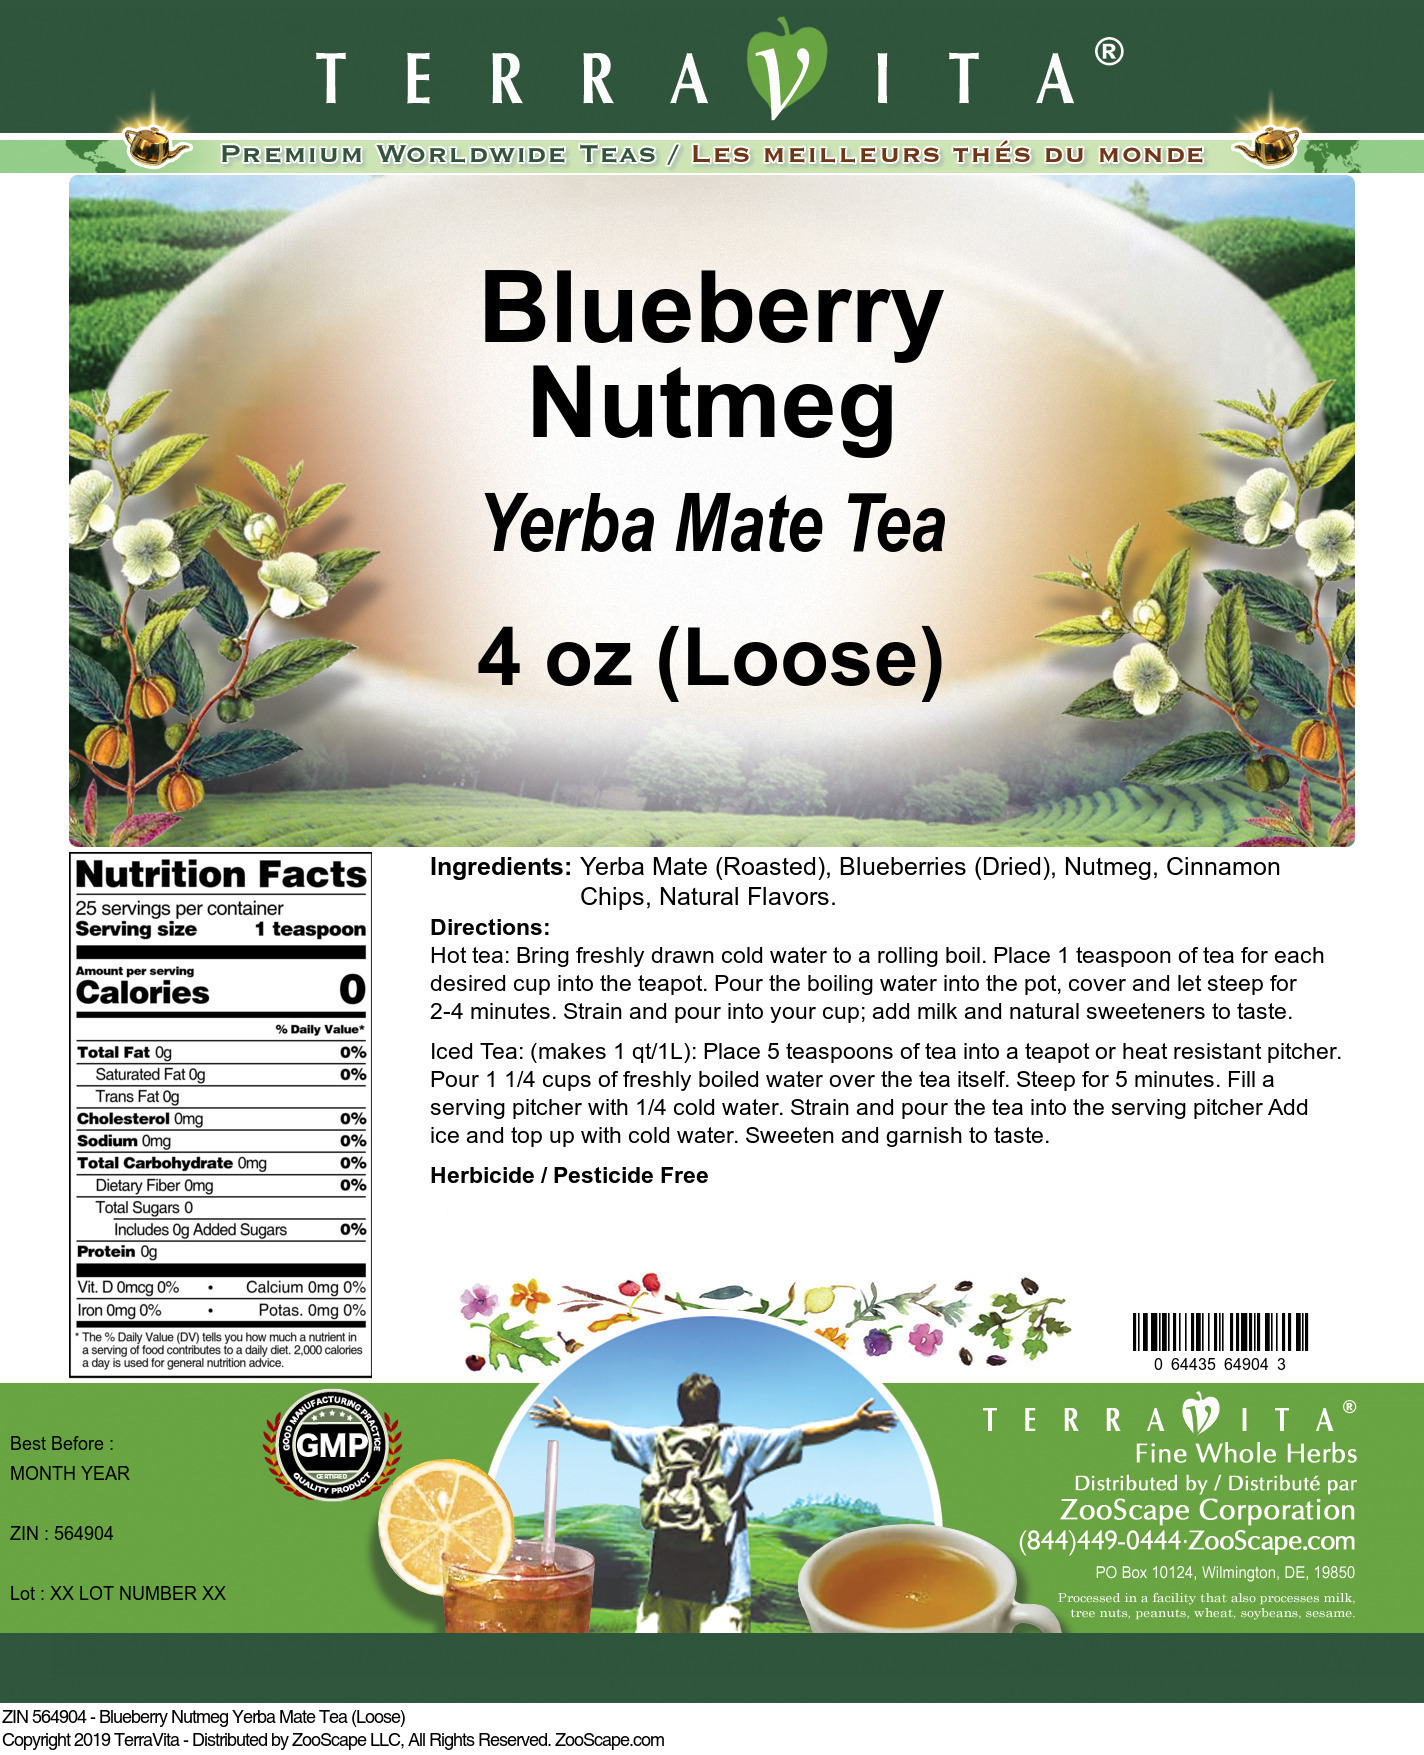 Blueberry Nutmeg Yerba Mate Tea (Loose)